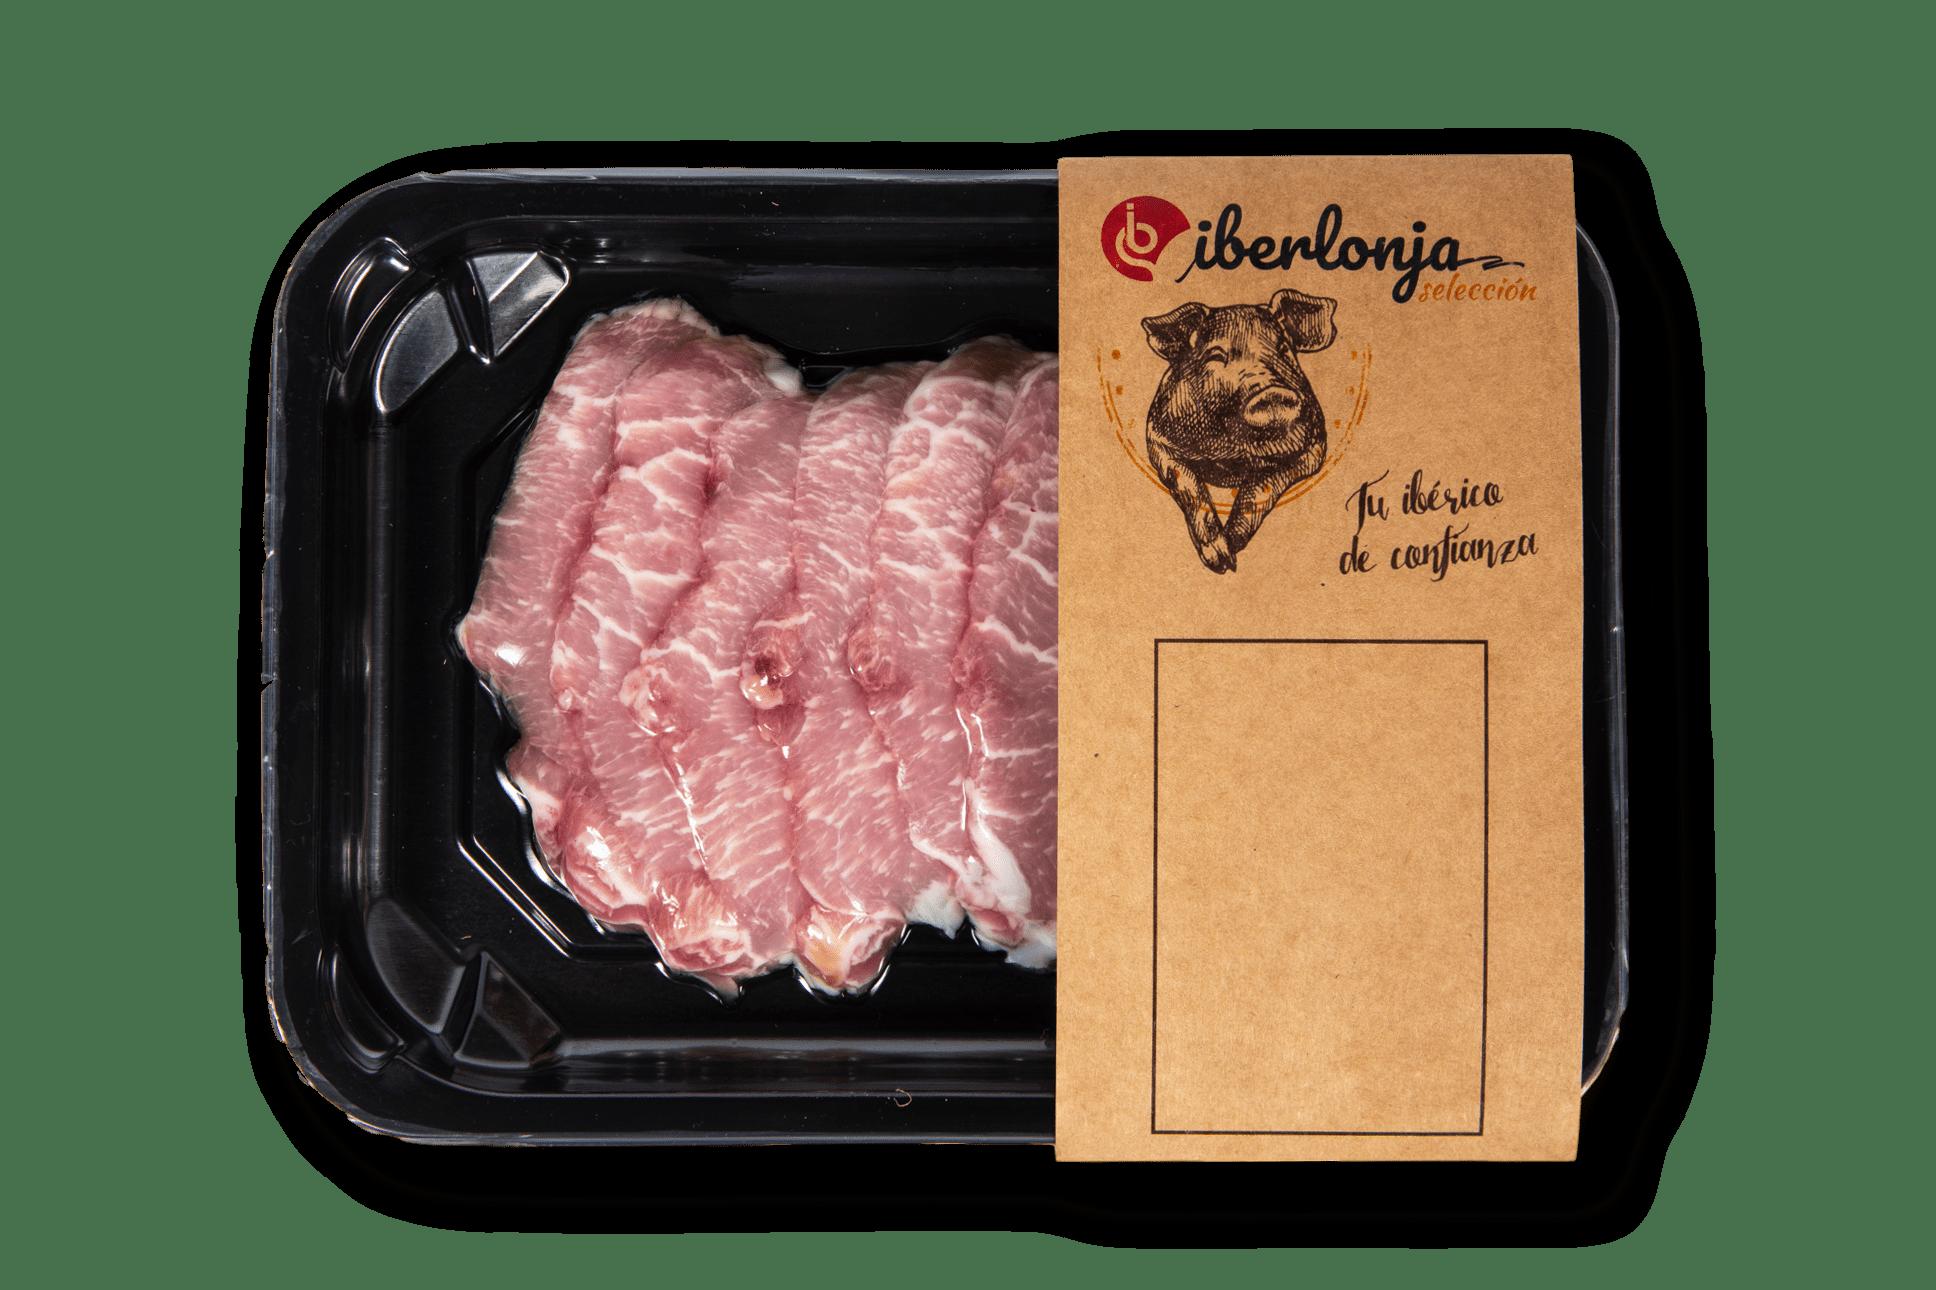 Ibericoparatodos | Lomo Filetado skin sin fondo iberlonja | iberlonja